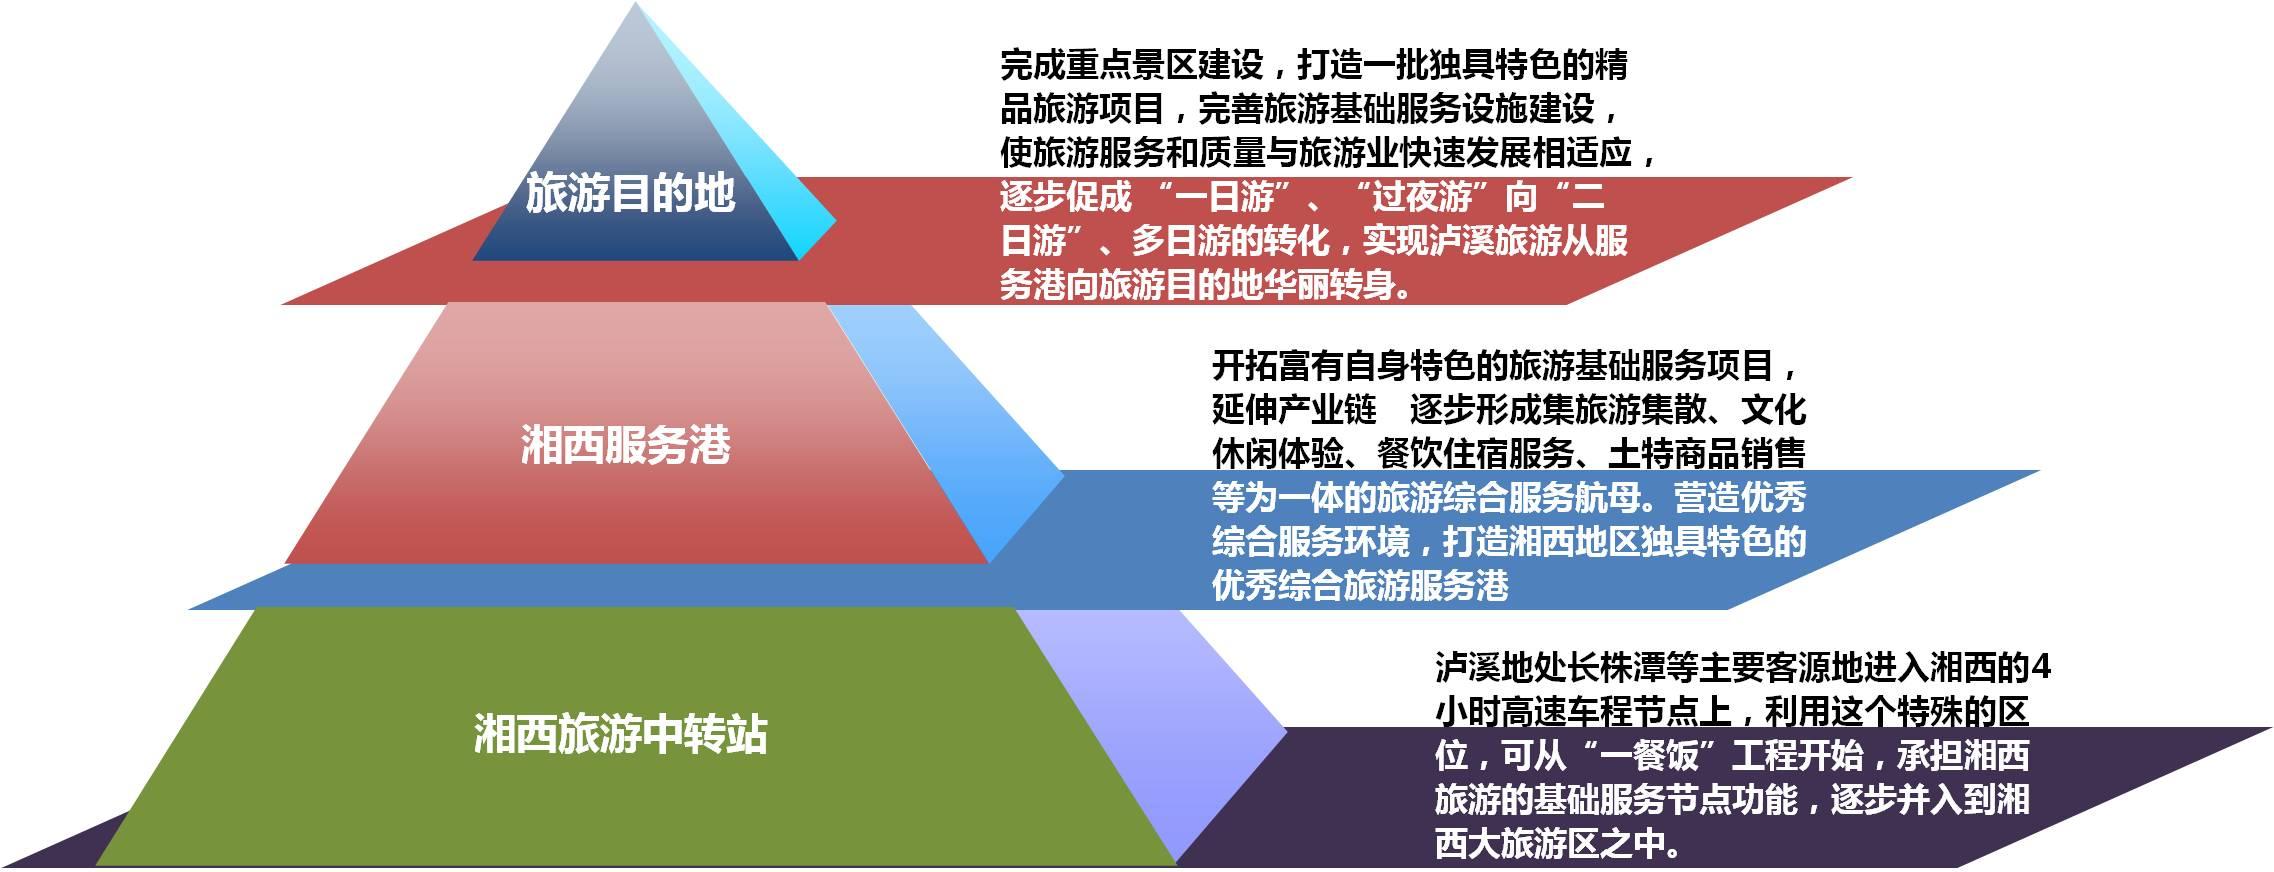 湖南泸溪重点旅游项目策划